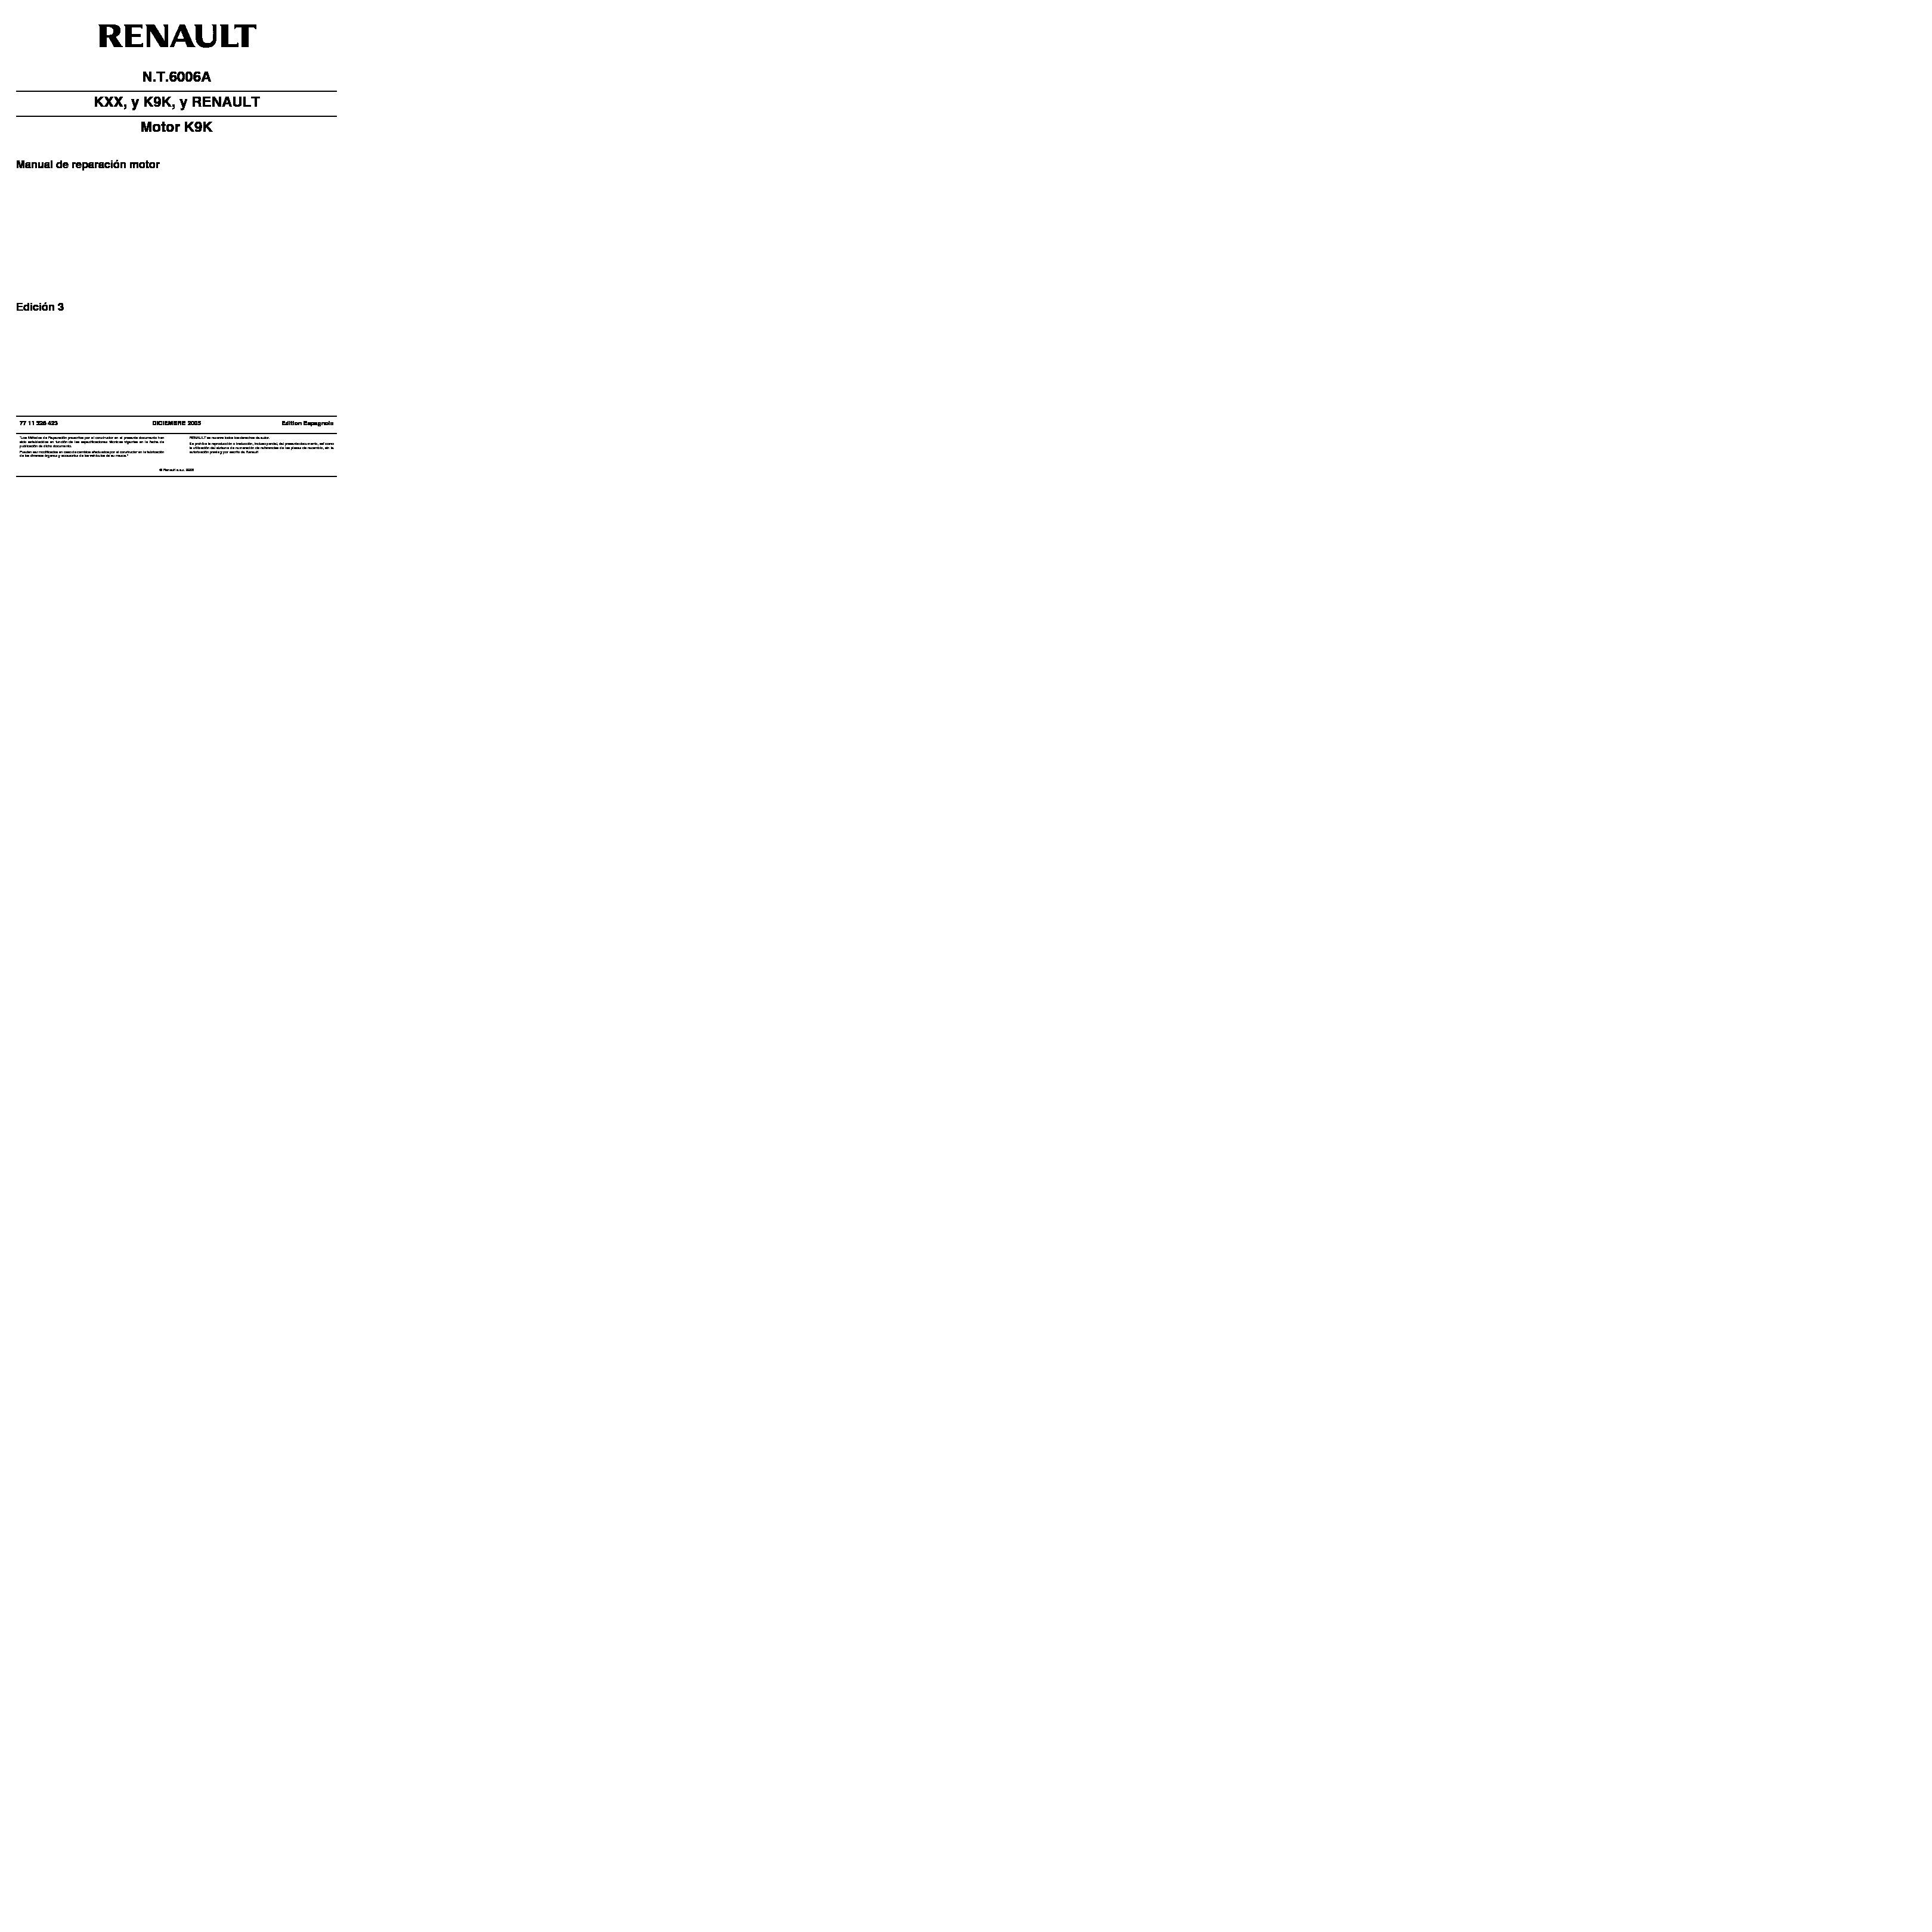 manual megane ii 1 5 dci motor k9k.pdf